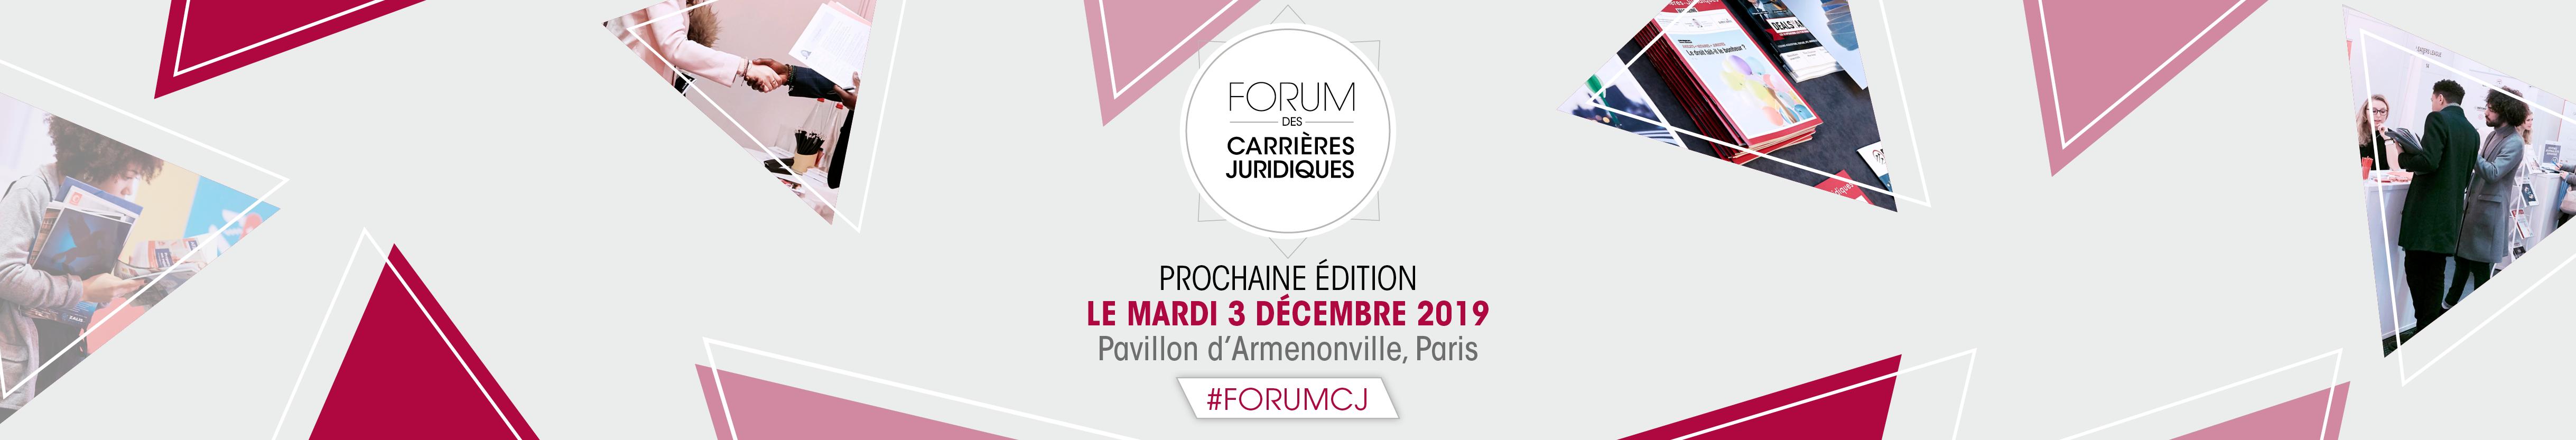 Forum Carrières Juridiques